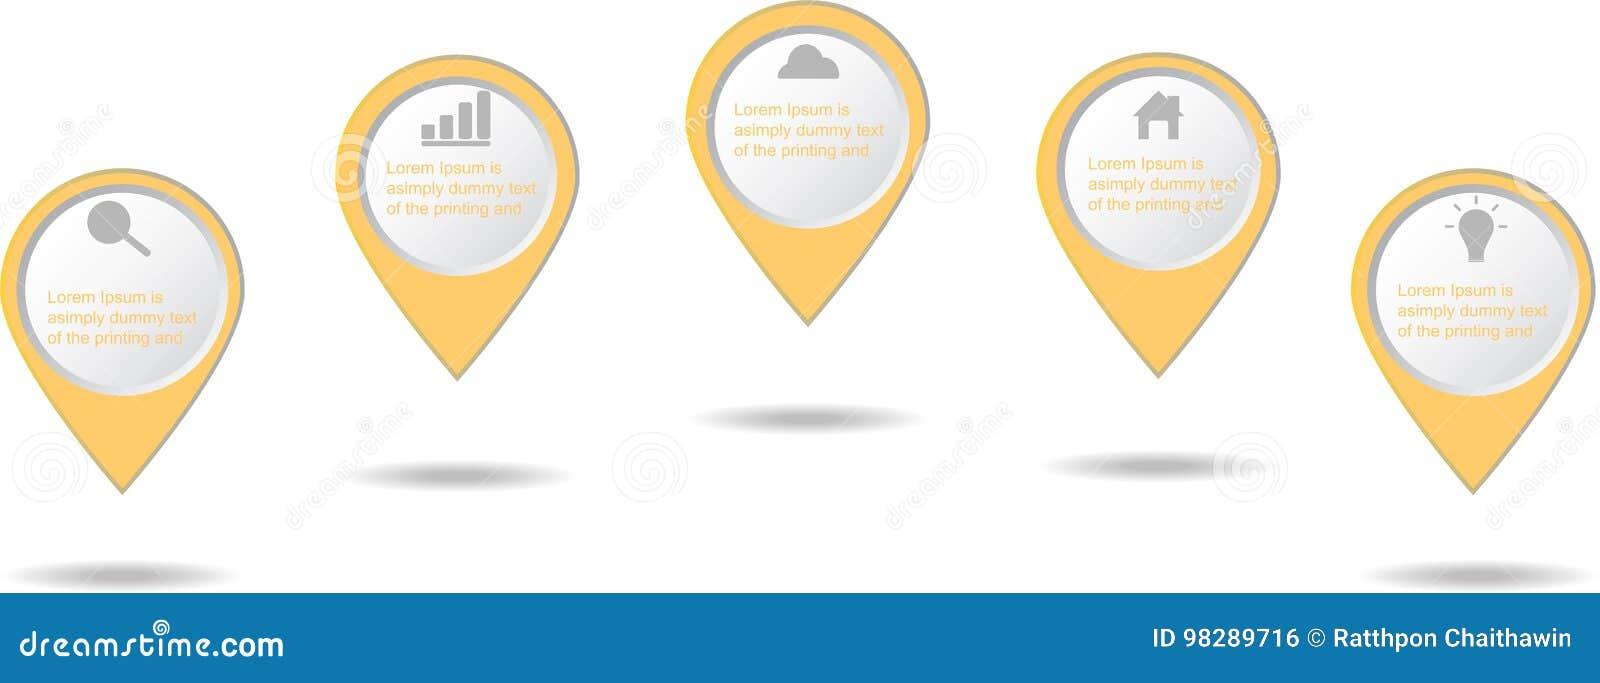 Infographic企业元素象